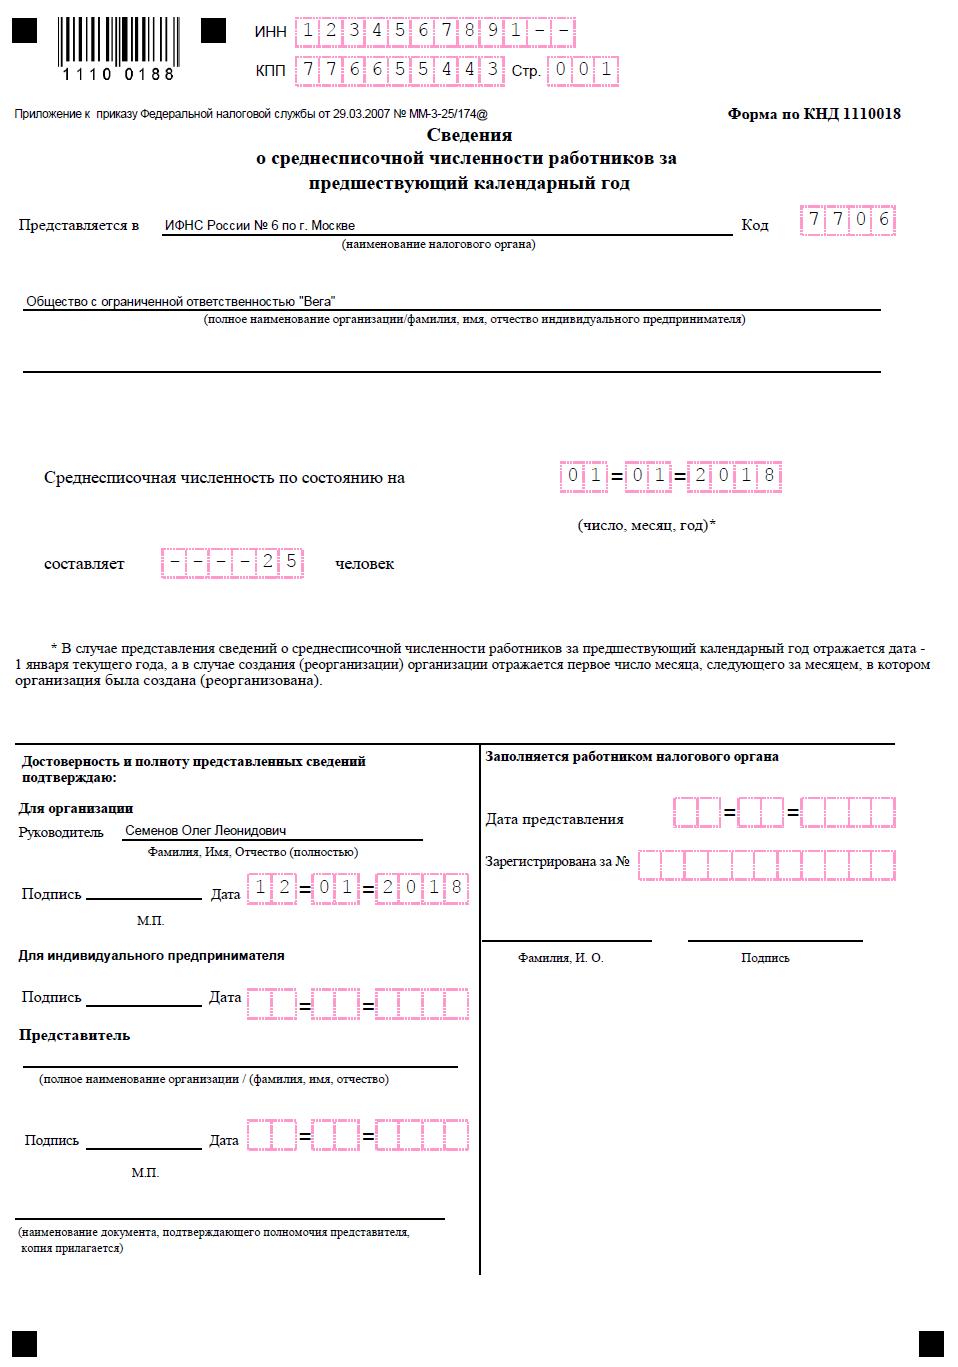 Сведения о среднесписочной численности работников (кнд 1110018.